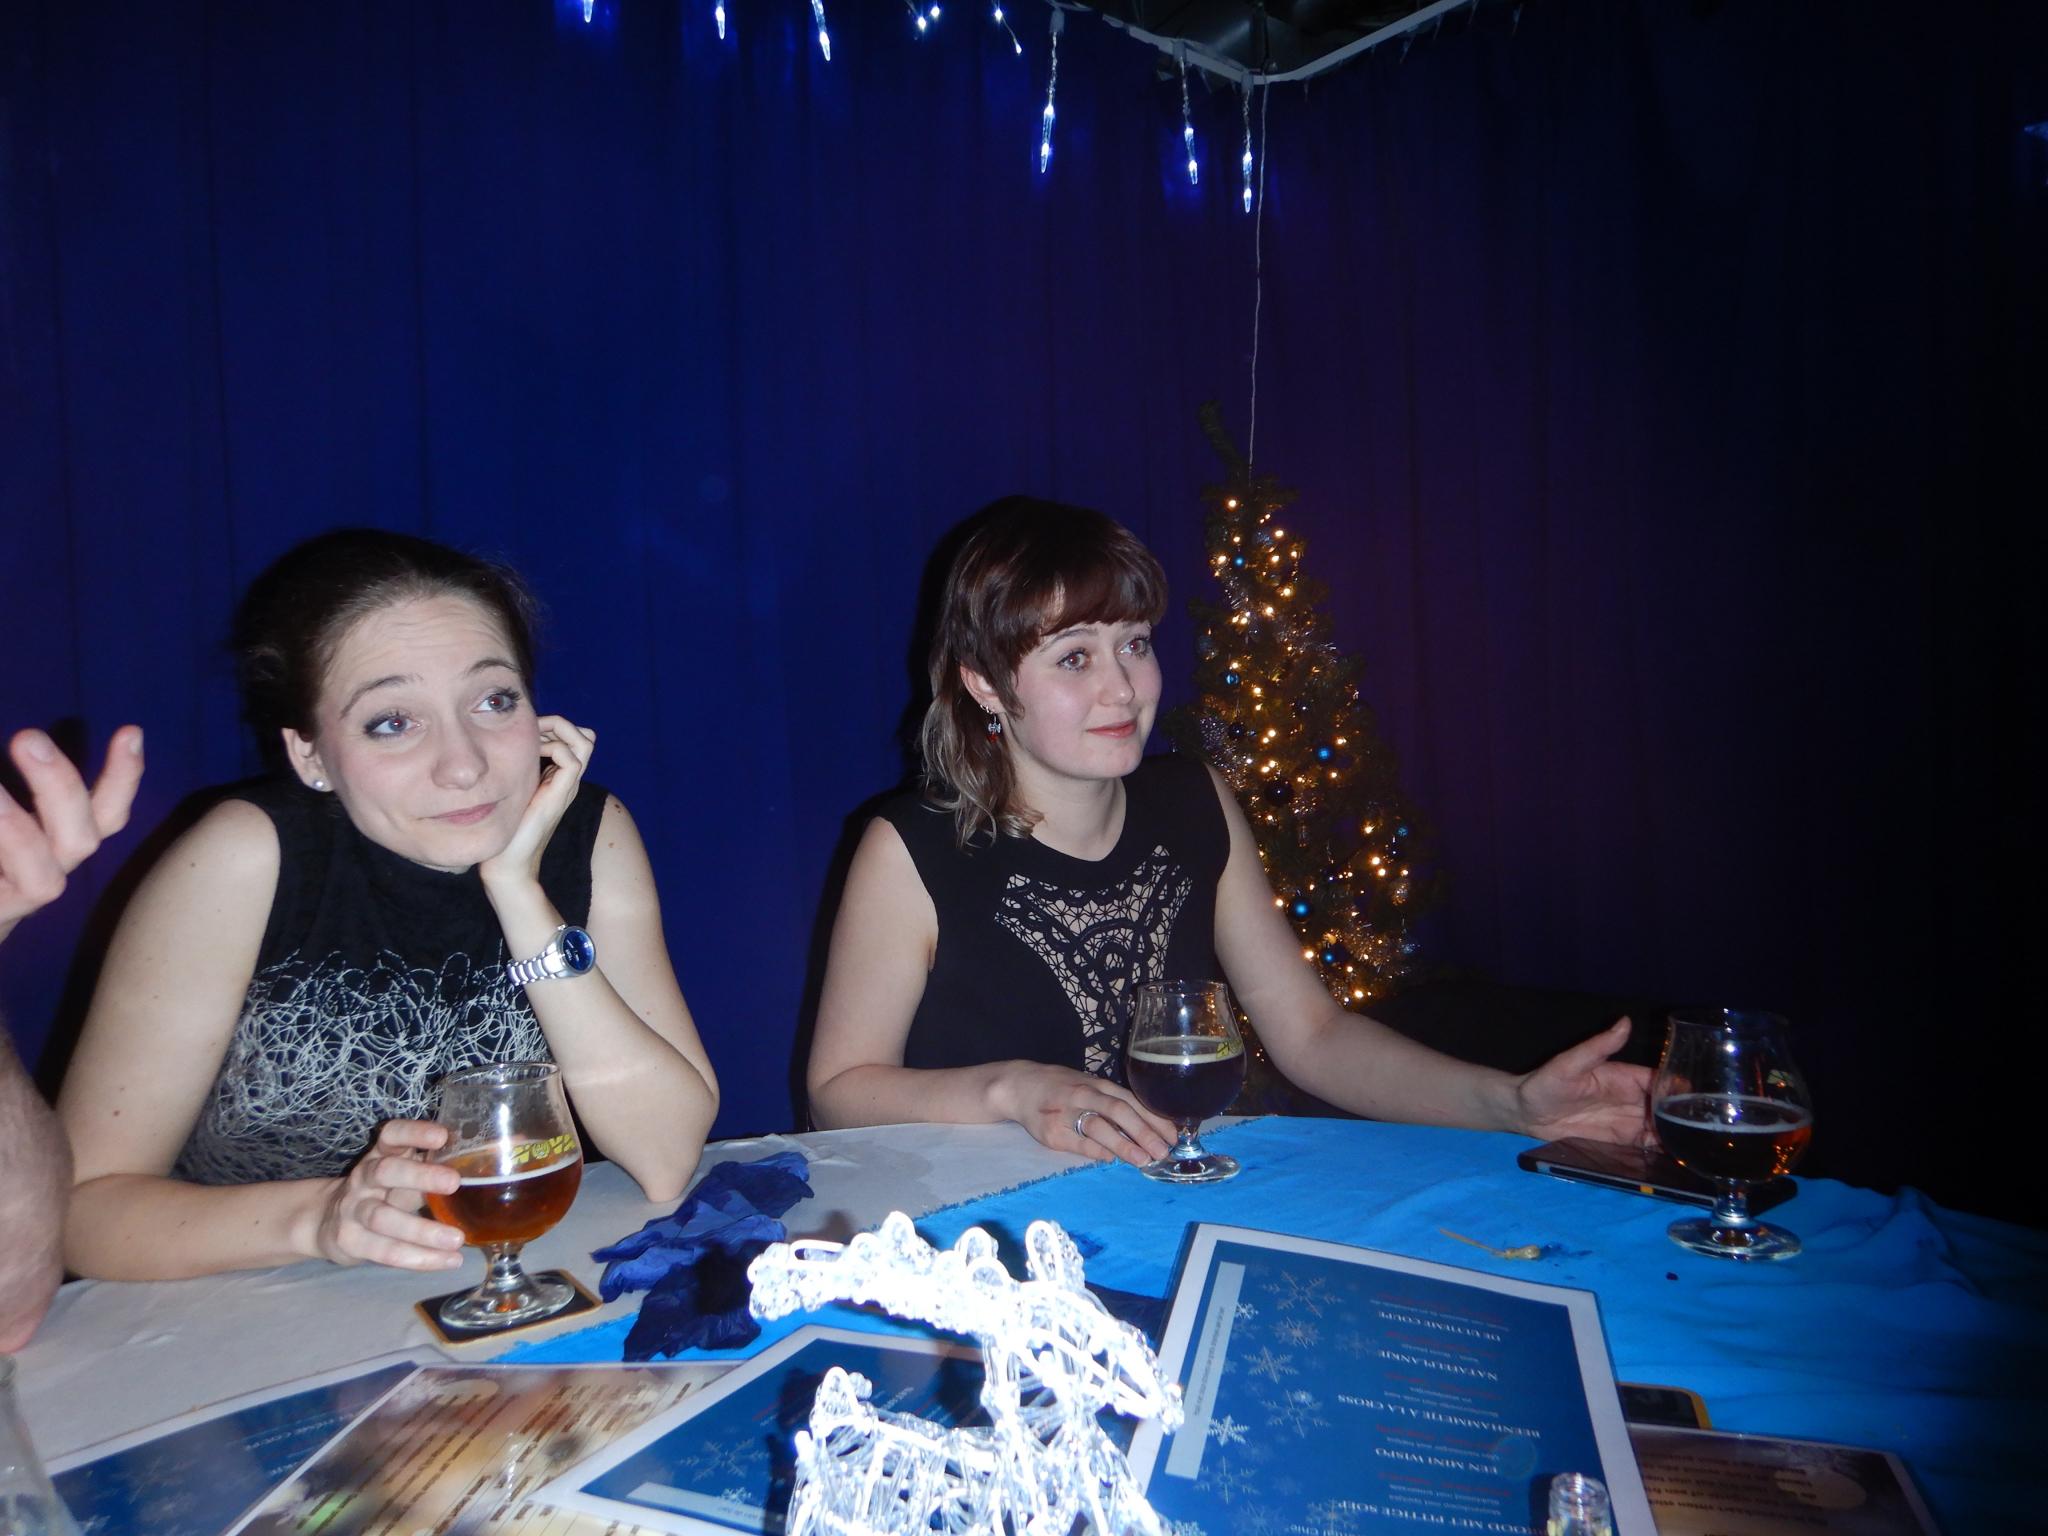 Kerstfeest_081